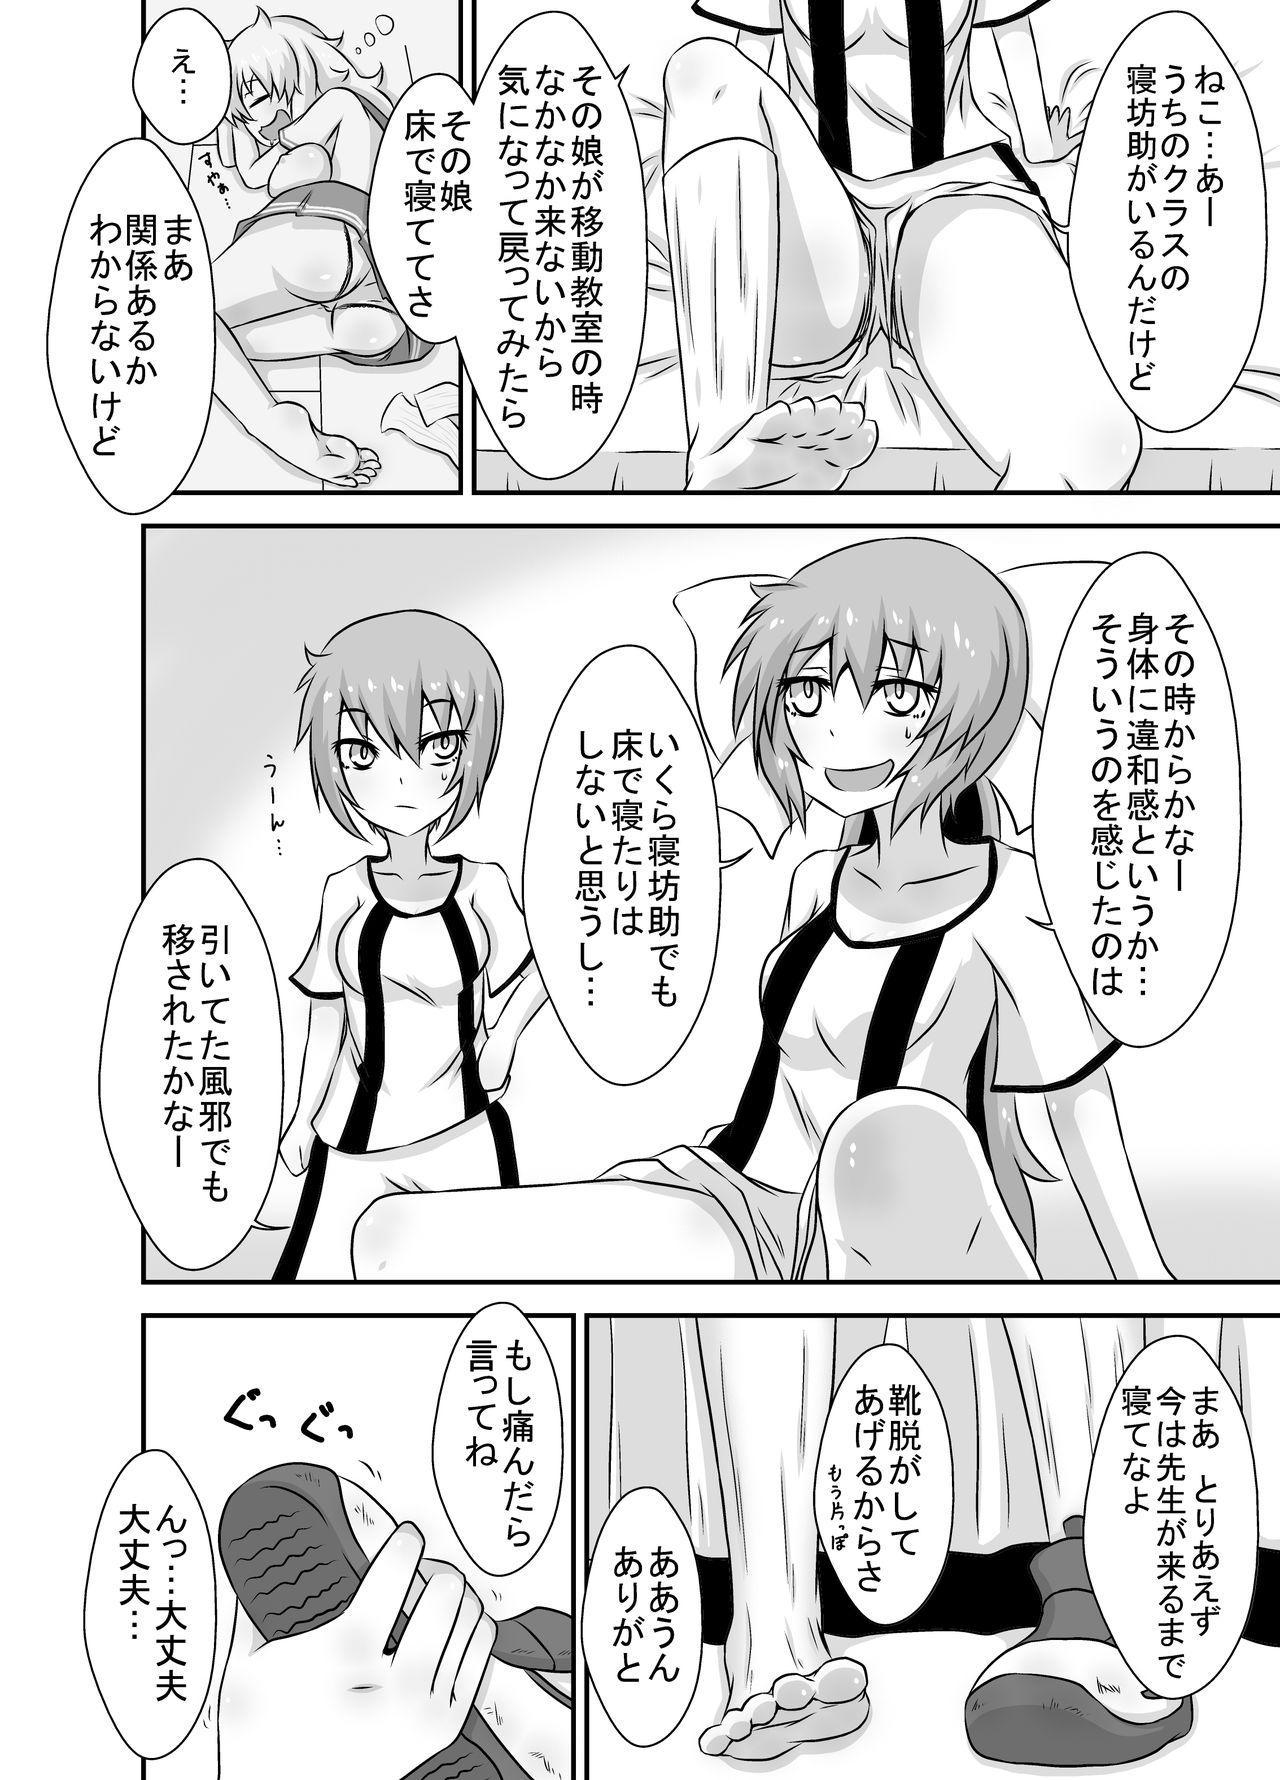 Kochokocho Okako-san! 4 4